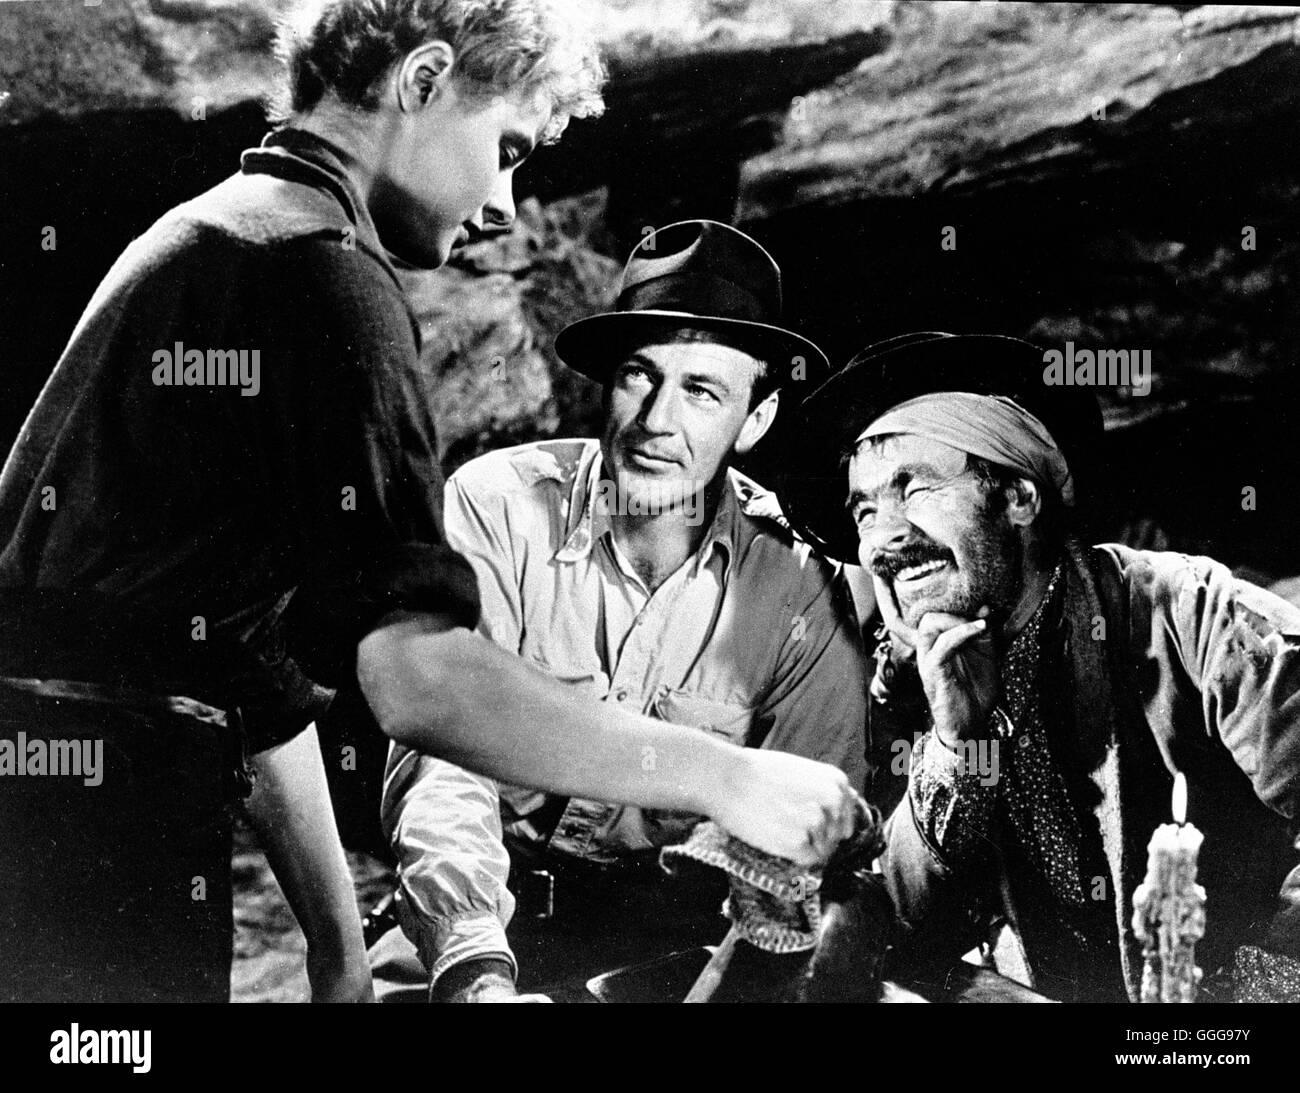 WEM DIE STUNDE SCHLÄGT / For Whom The Bell Tolls USA 1943 / Sam Wood INGRID BERGMAN, GARY COOPER, AKIM TAMIROFF, - Stock Image